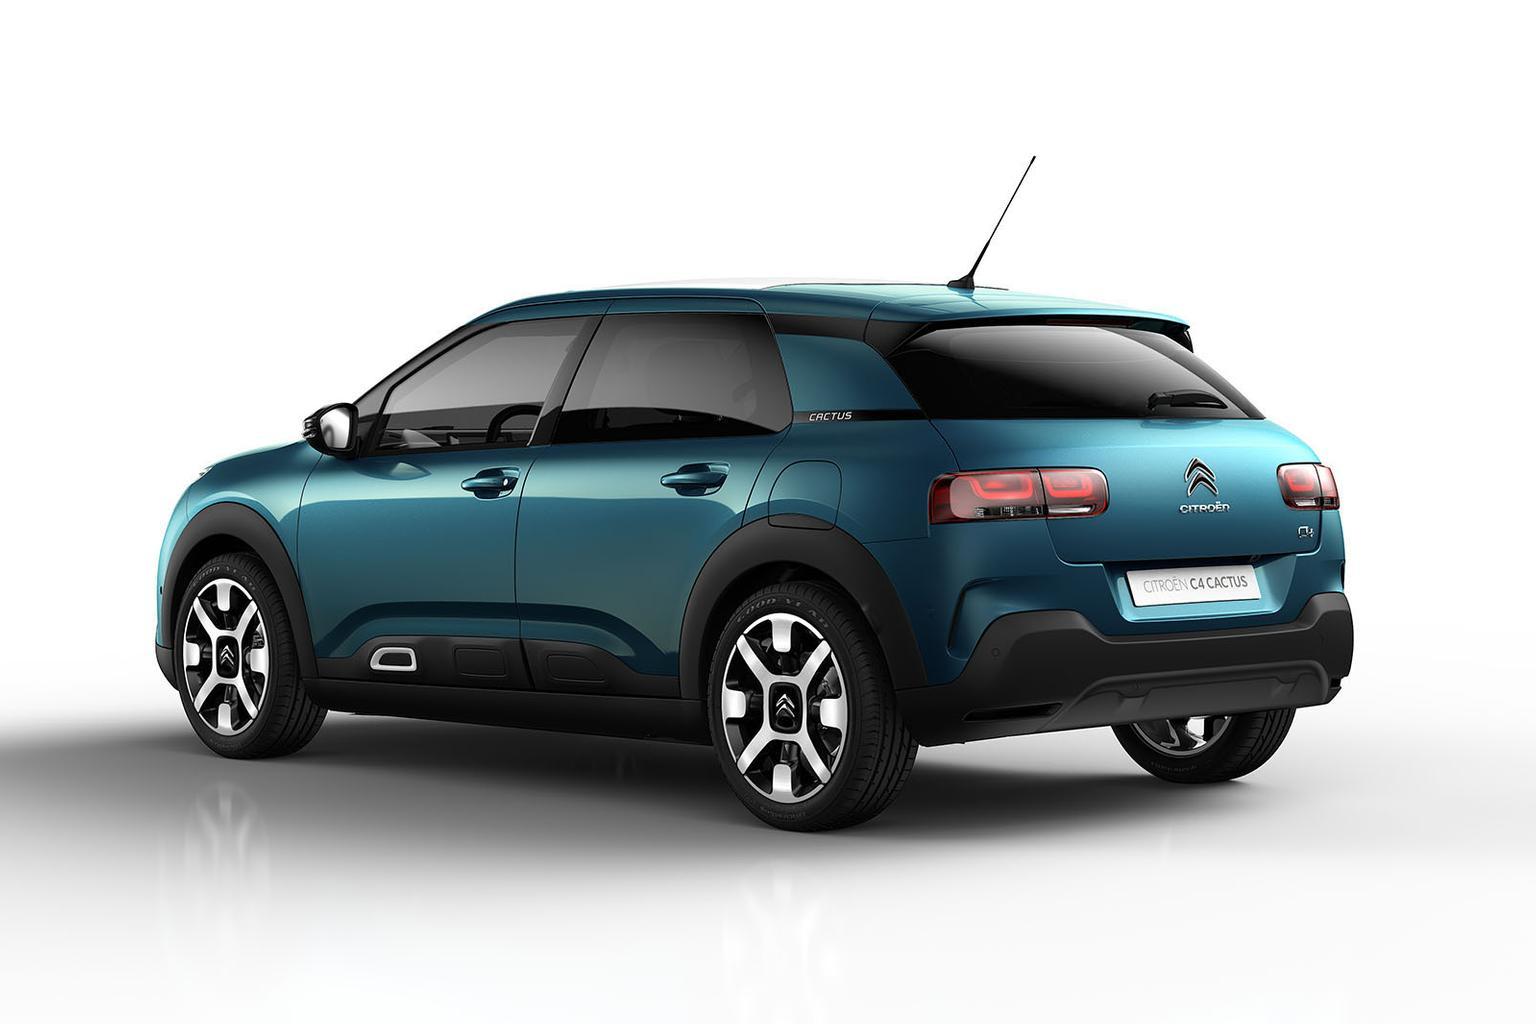 2018 Citroen C4 Cactus –price, specs and release date